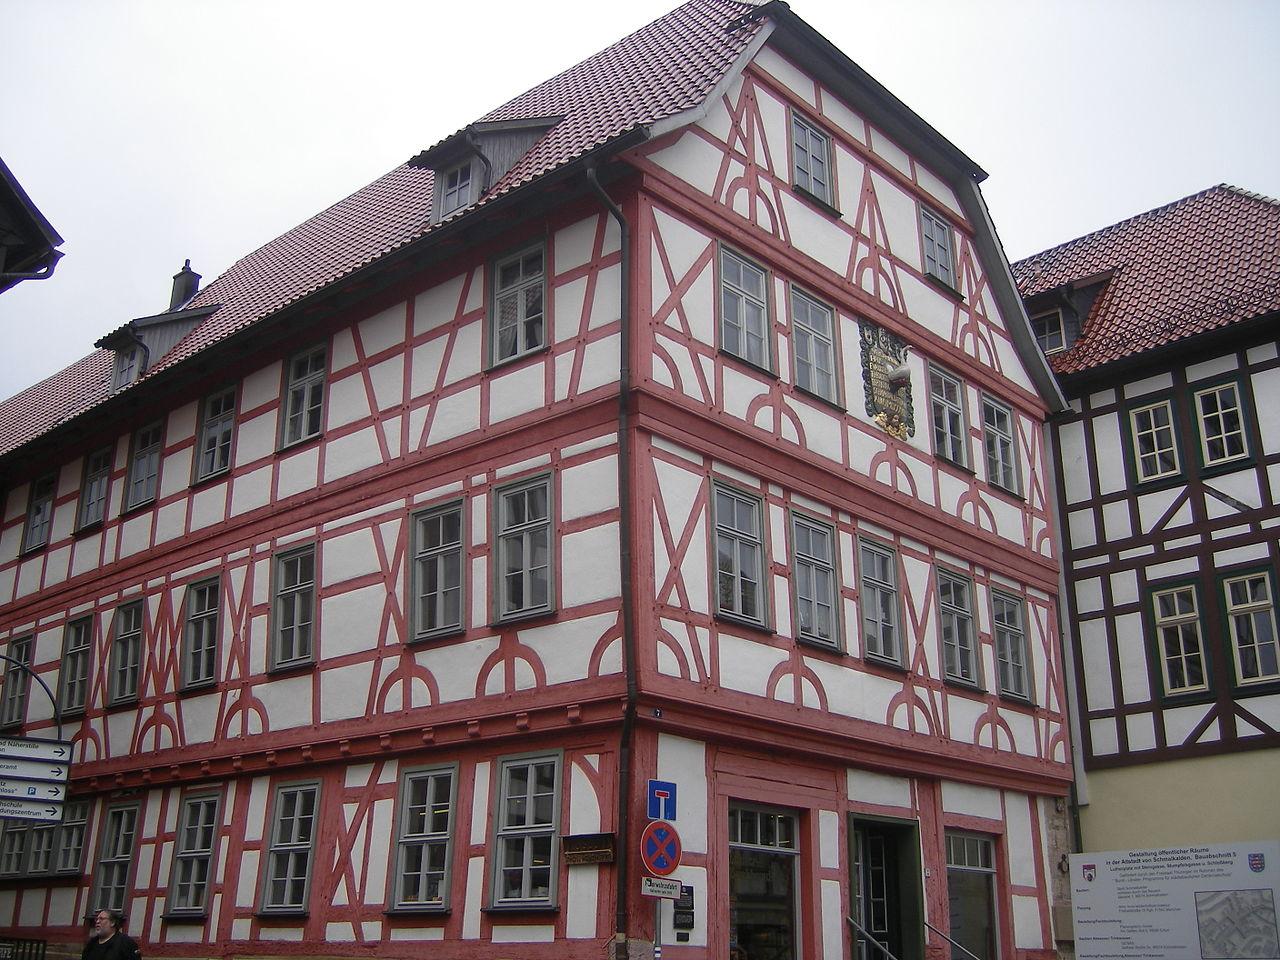 Bild Lutherhaus Schmalkalden